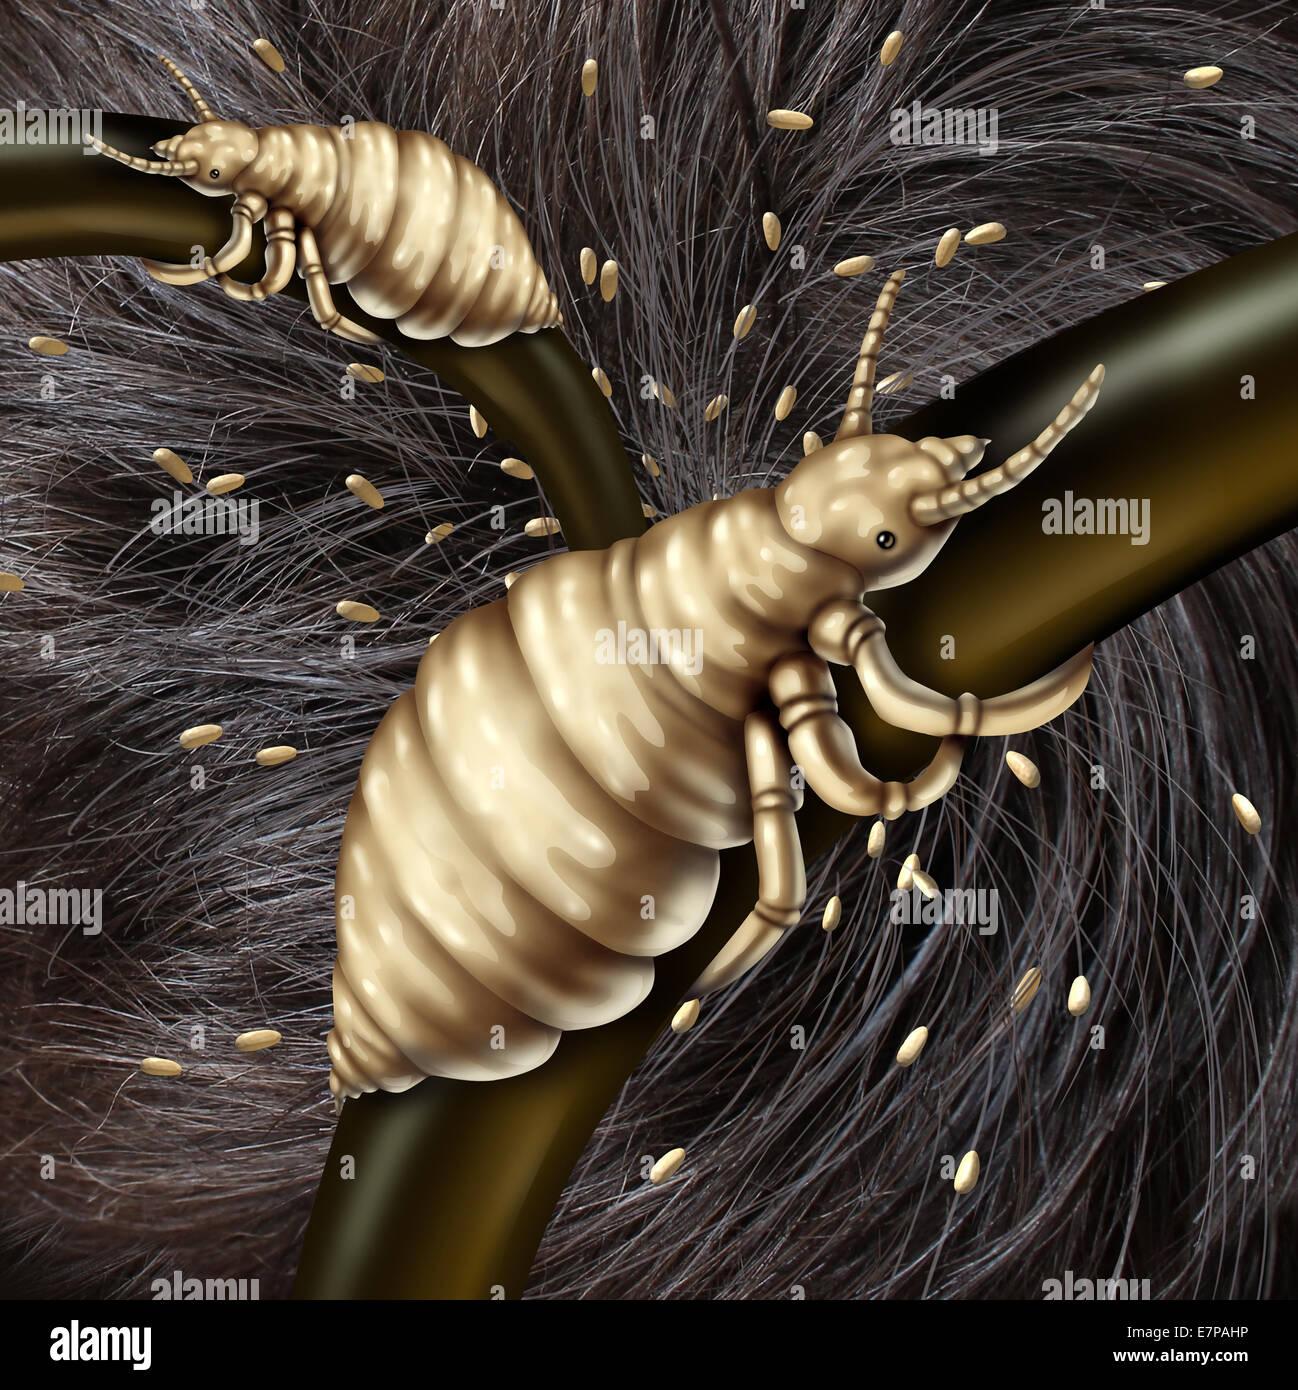 I pidocchi nei capelli problema come un concetto medico con una macro close up di una testa umana con una infestazione Immagini Stock